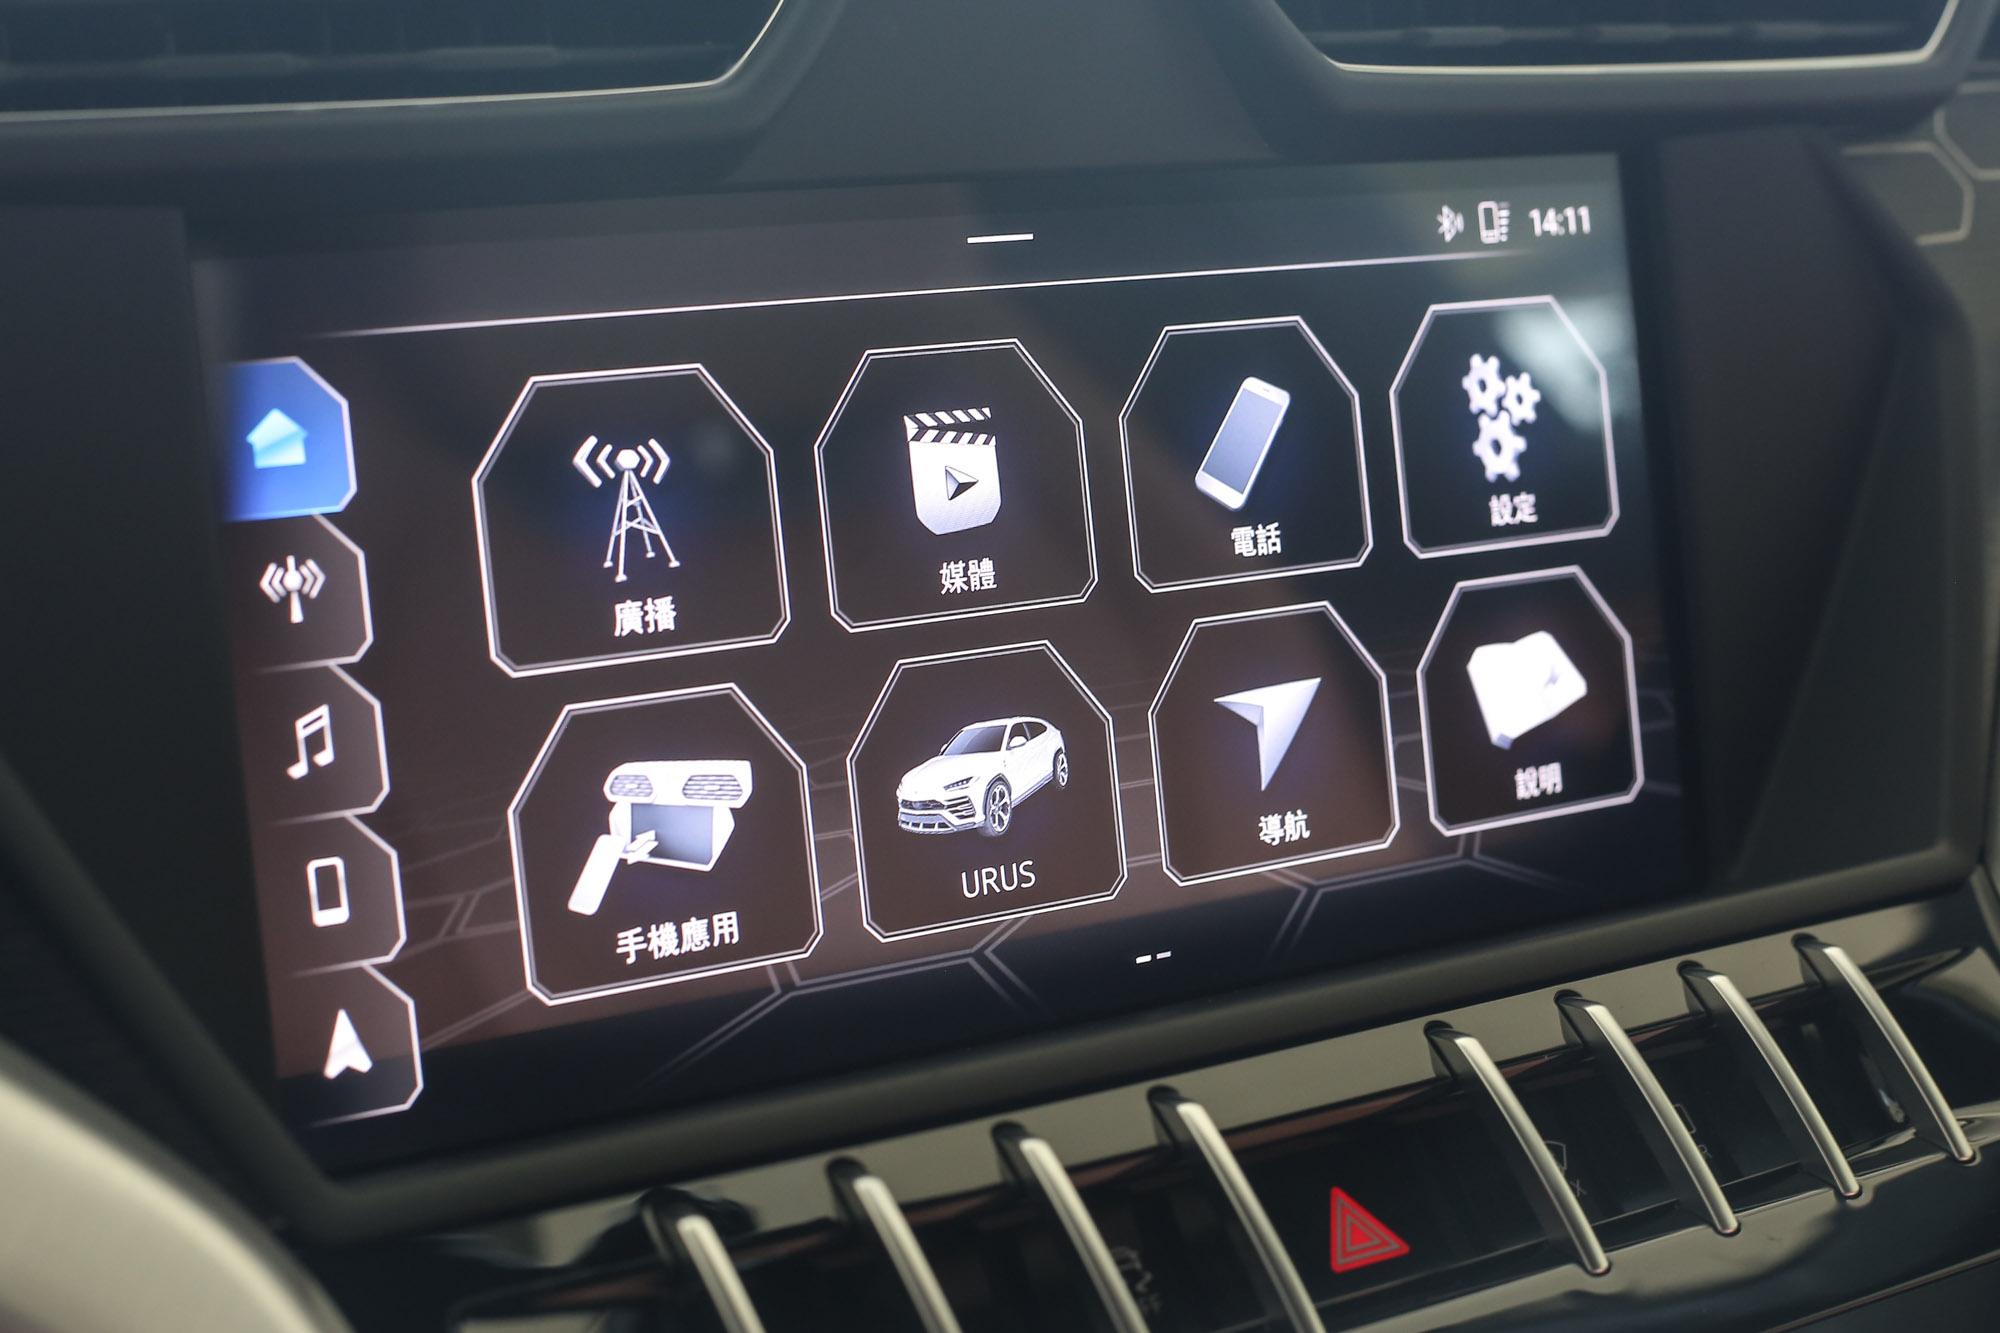 車載資訊平台整合在中控台上方的大型觸控螢幕內,通訊、多媒體、音響、導航、車輛設定等功能全數具備。